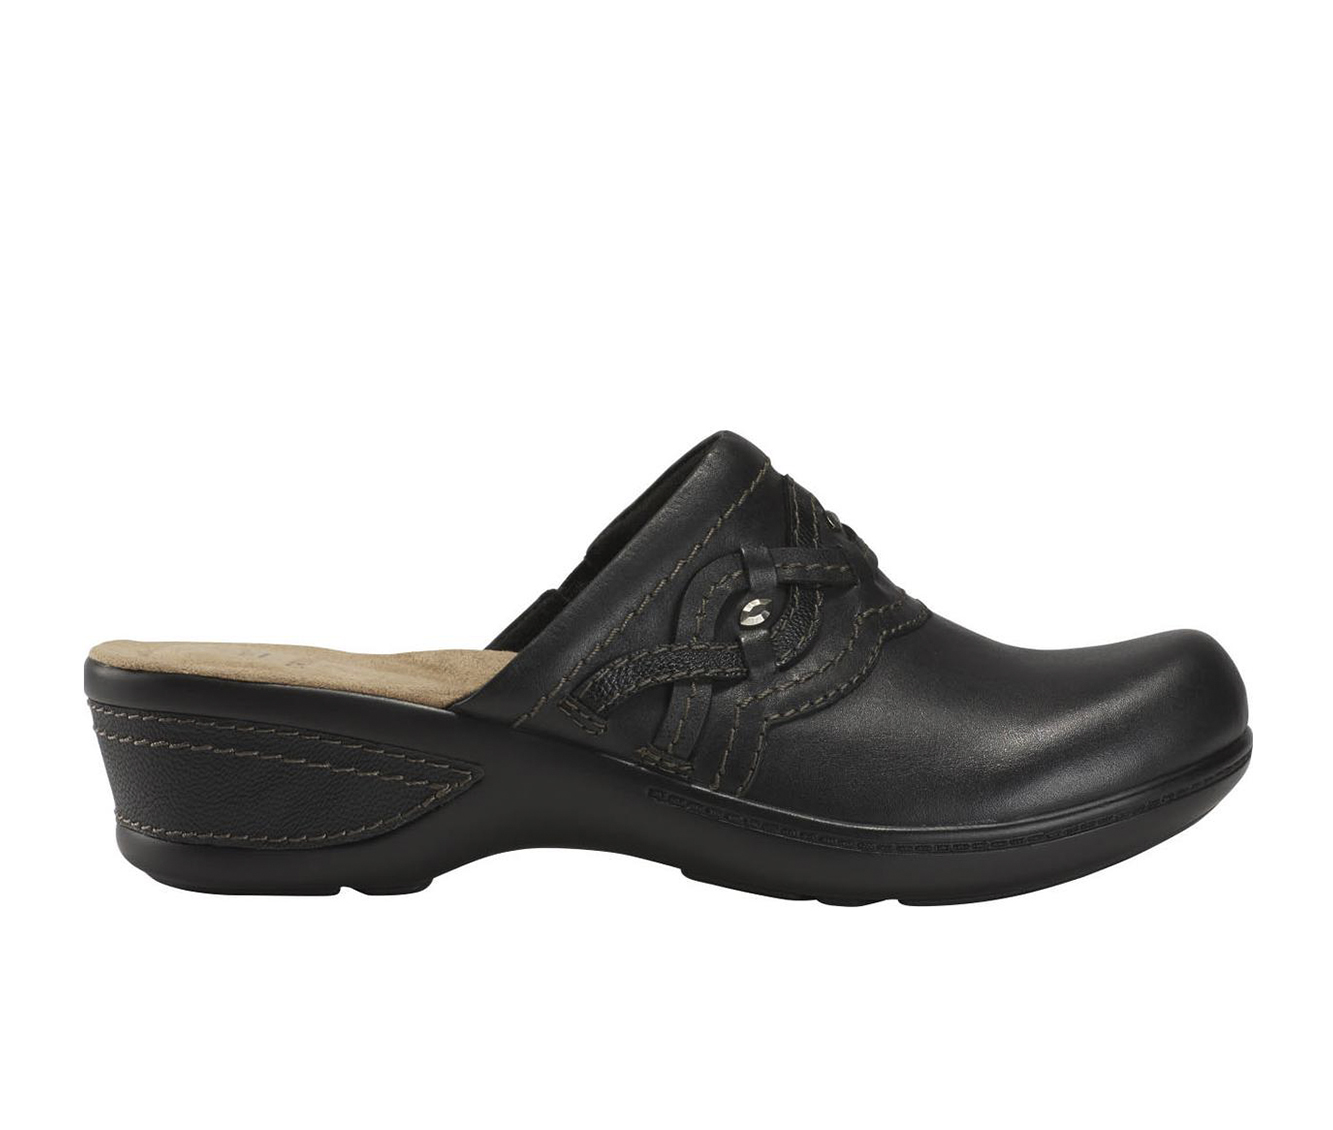 Earth Origins Jackal Janice Women's Shoe (Black Leather)